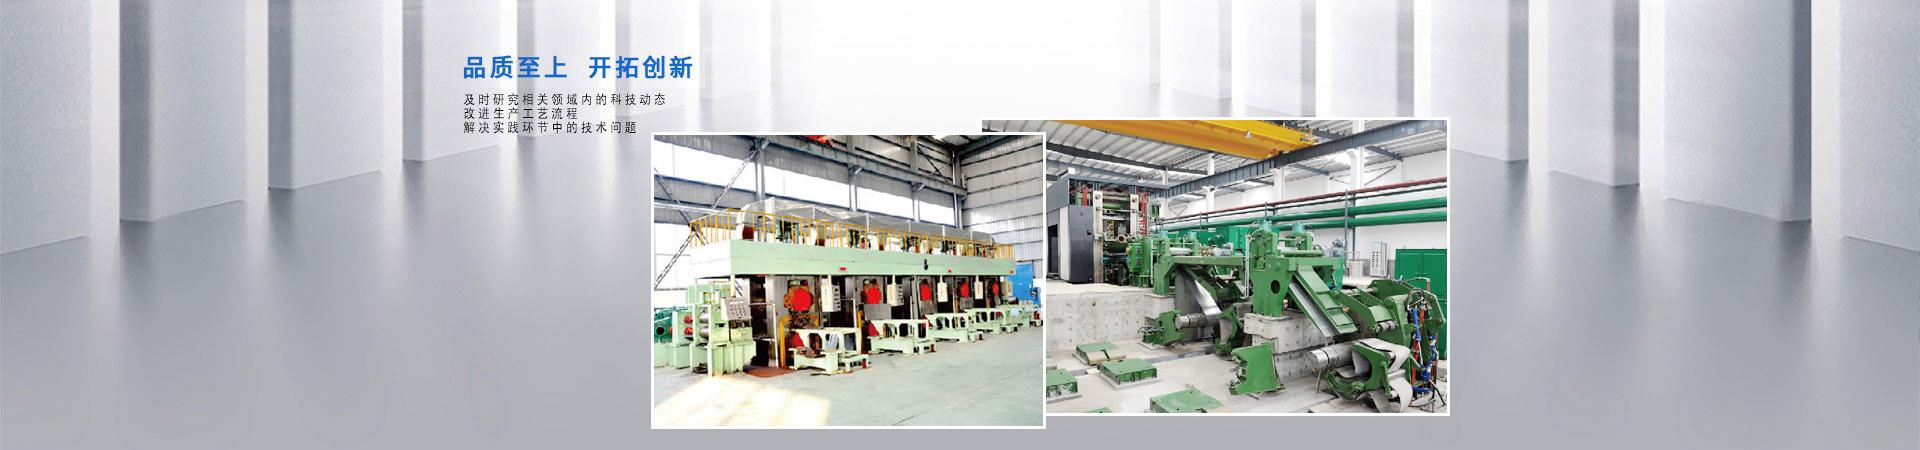 专业生产各种型号二辊、三辊、四辊、六辊系列热轧机